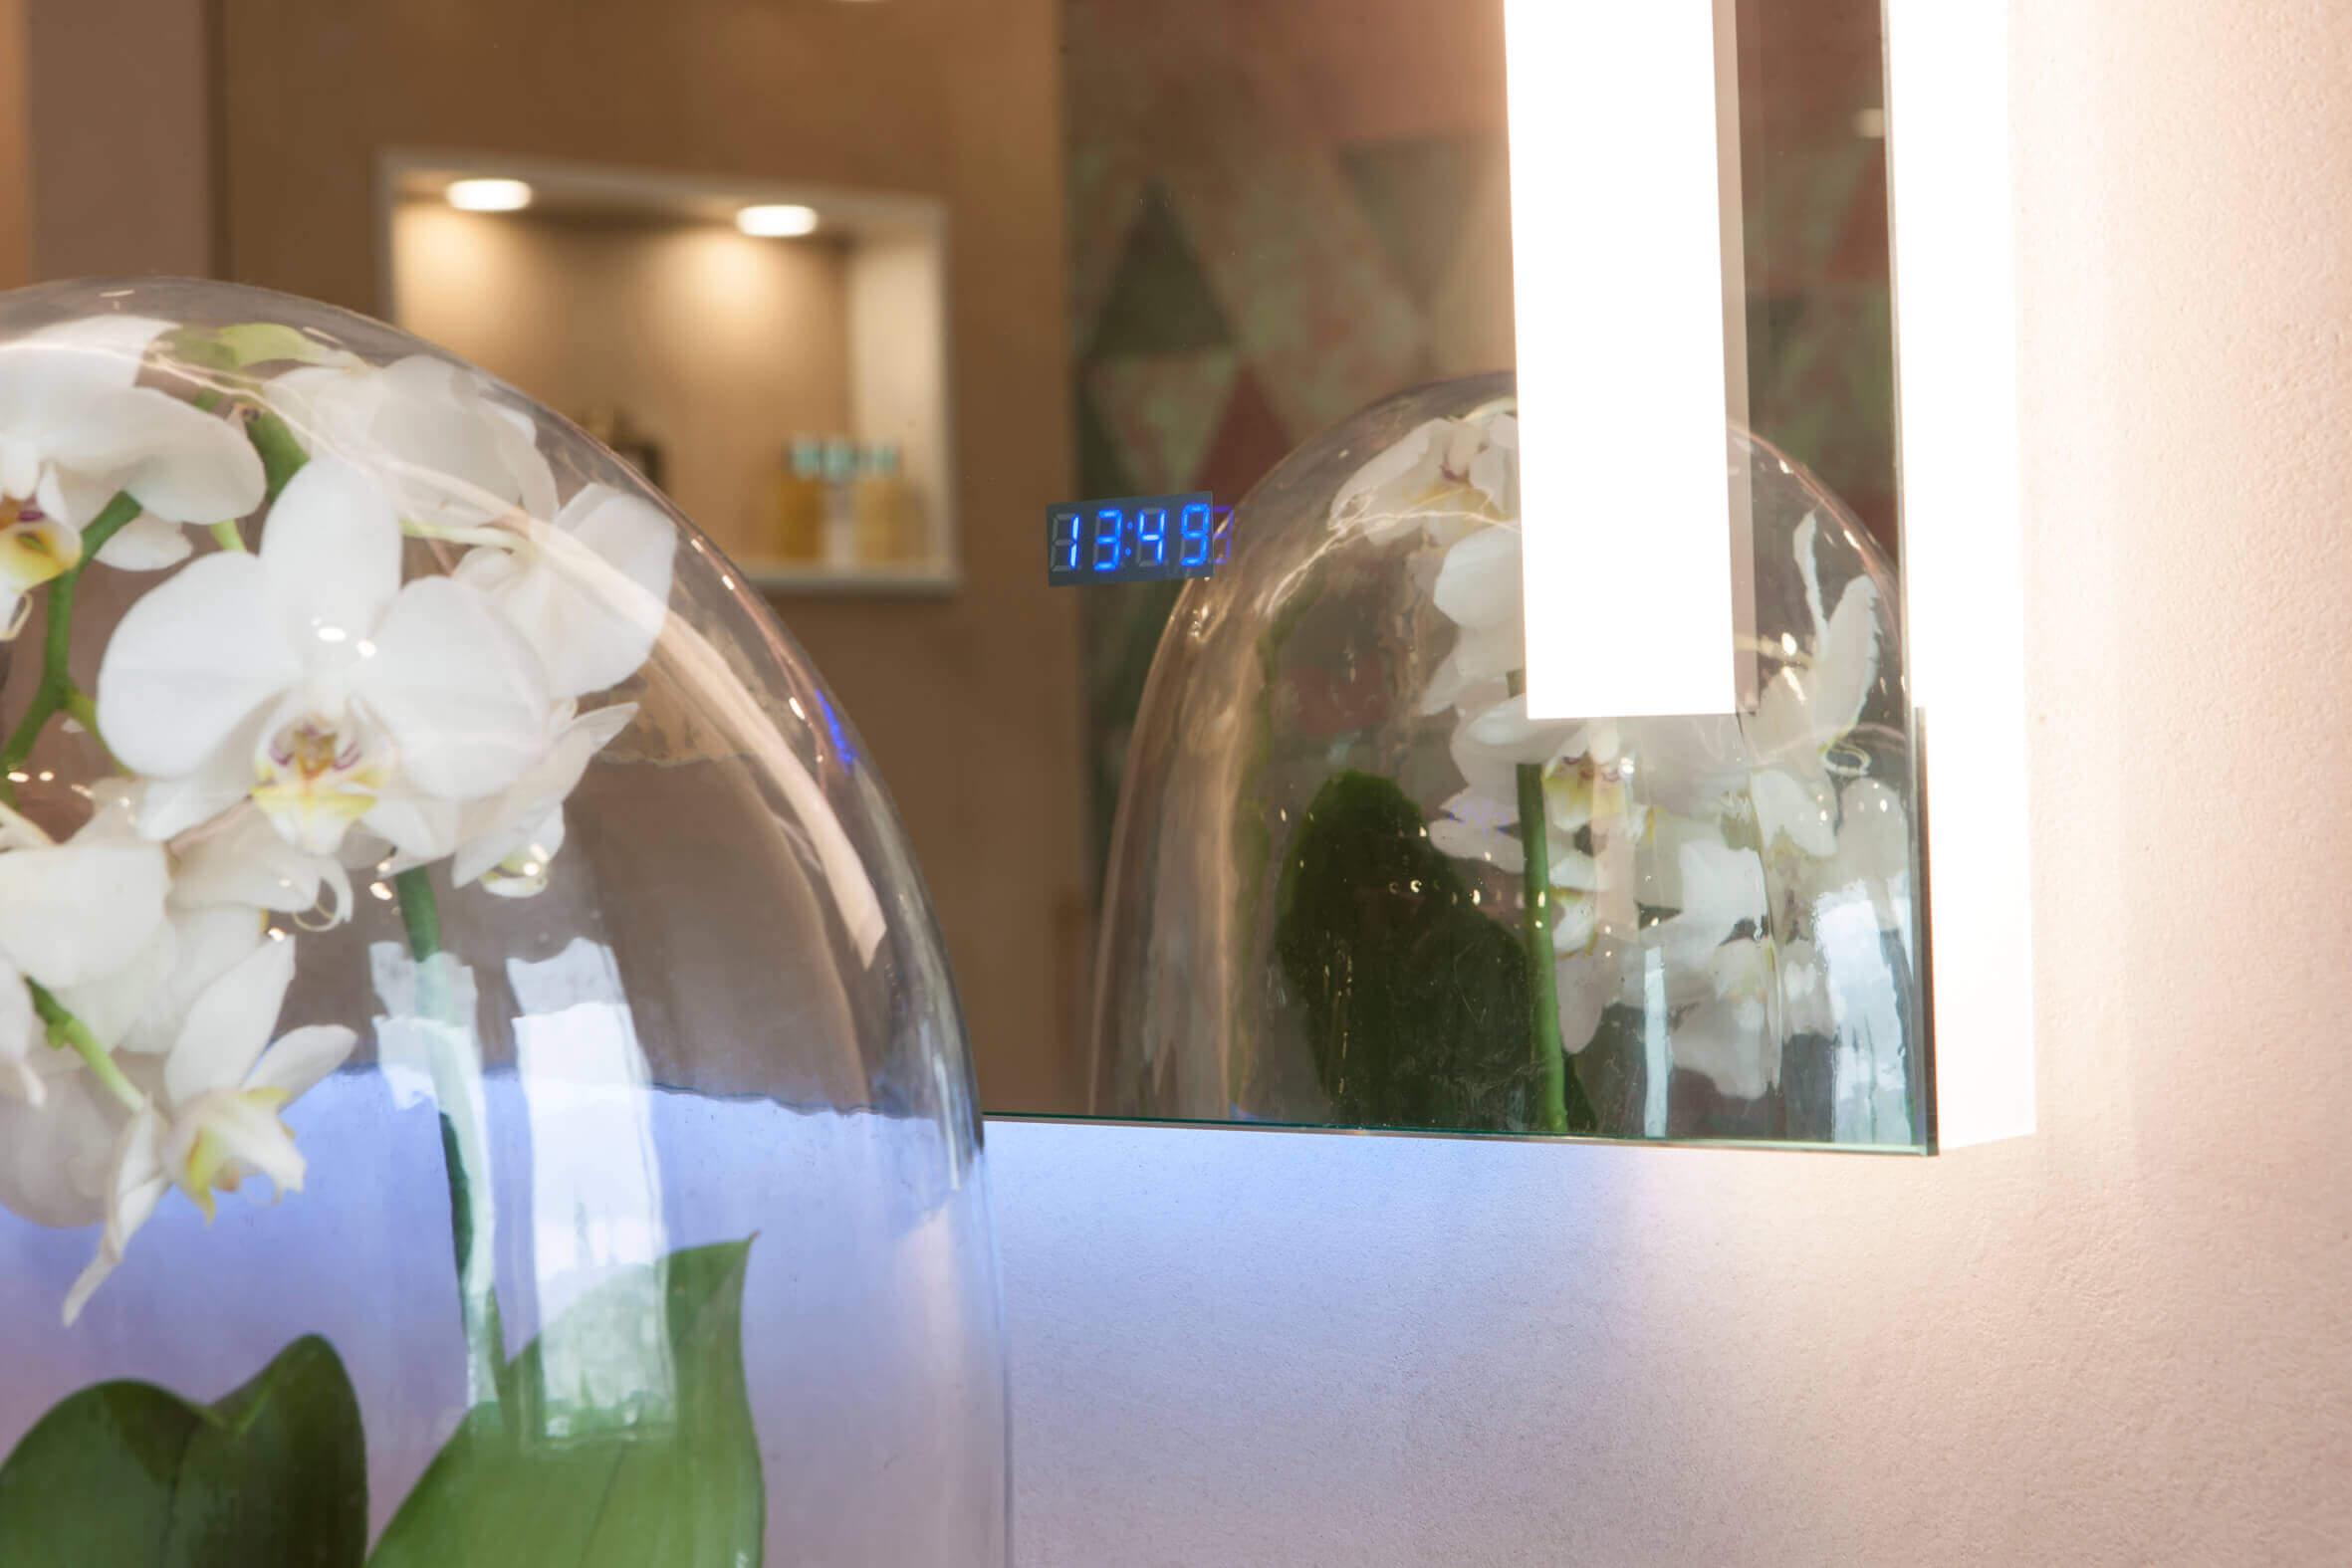 Auf Wunsch werden bereits heute futuristische Spiegel angefertigt, die nicht nur Zeit- und Temperaturanzeigen in die glatte Oberfläche integriert haben, sondern auch einen Touchscreen, mit dem man beispielsweise eine bestimmte Playlist per Handbewegung auswählen kann